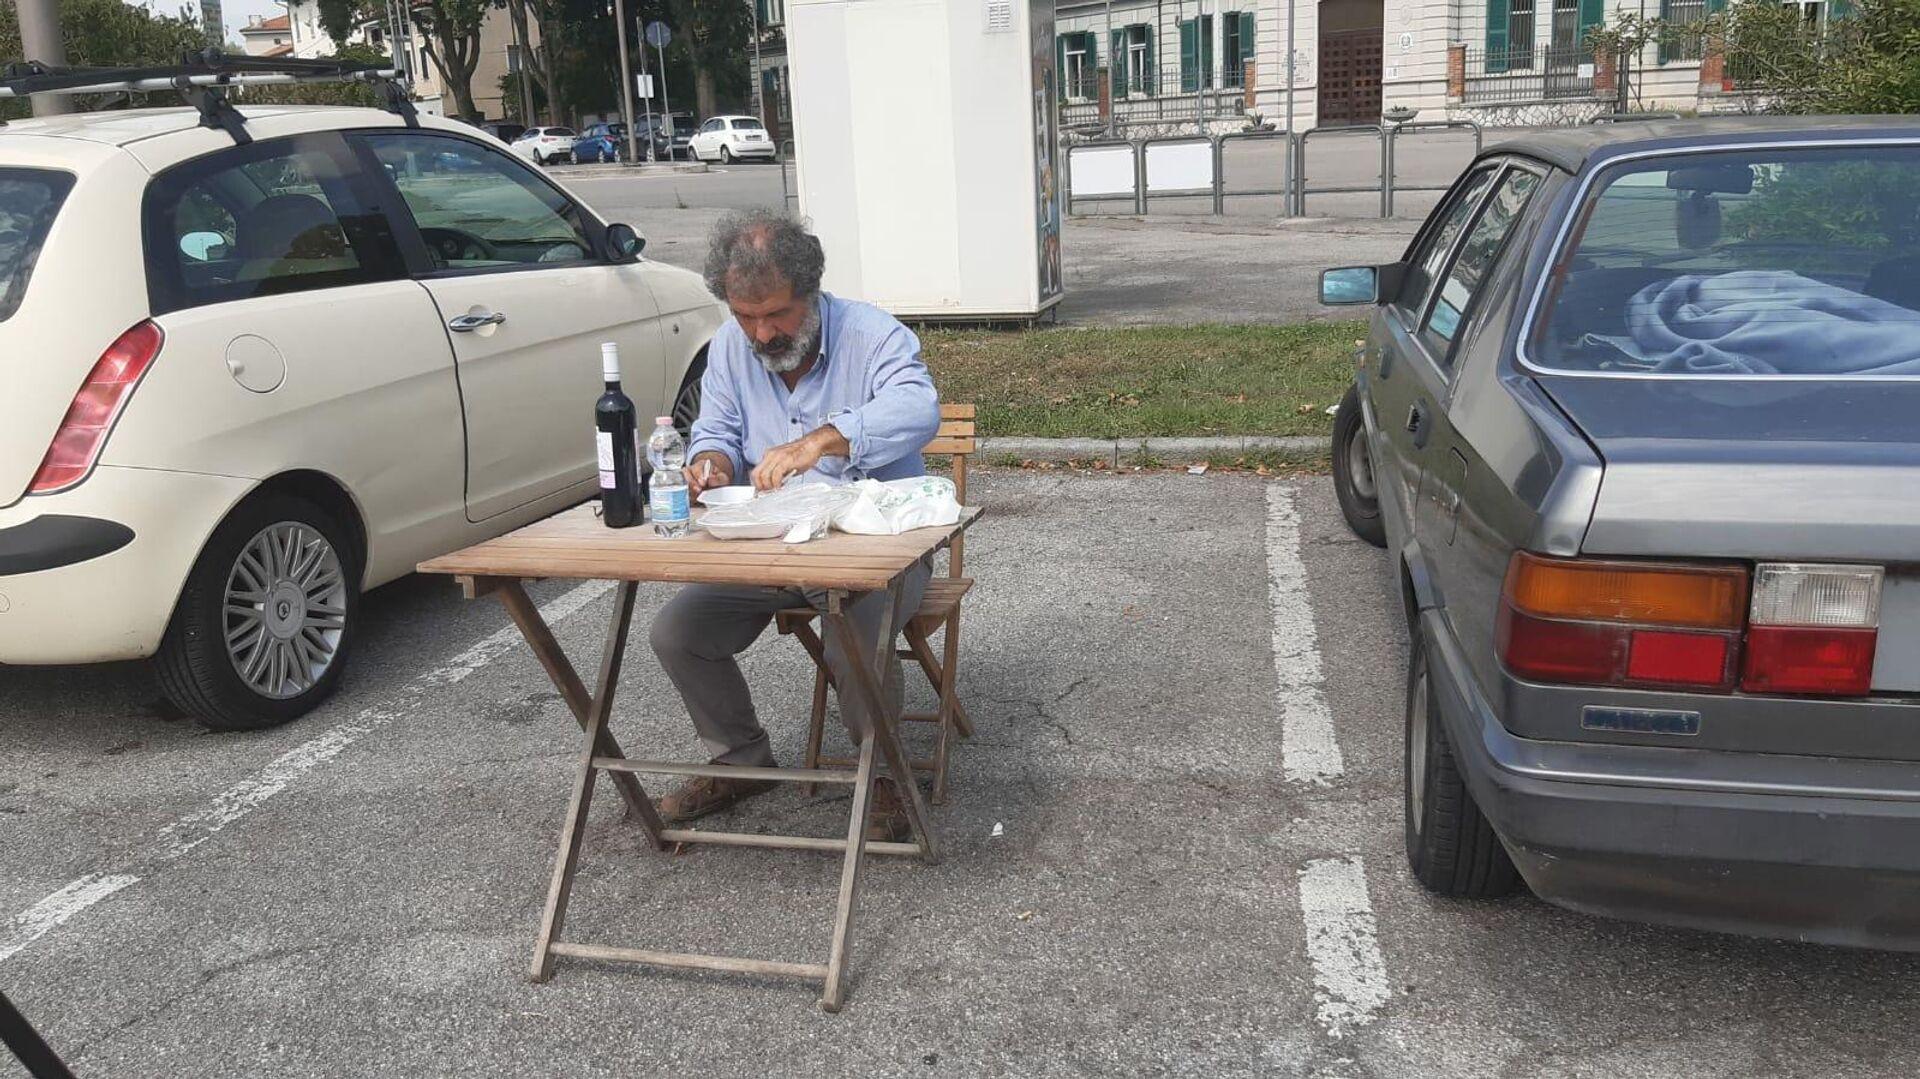 Poliziotto mangia nel parcheggio delle auto - Sputnik Italia, 1920, 19.08.2021